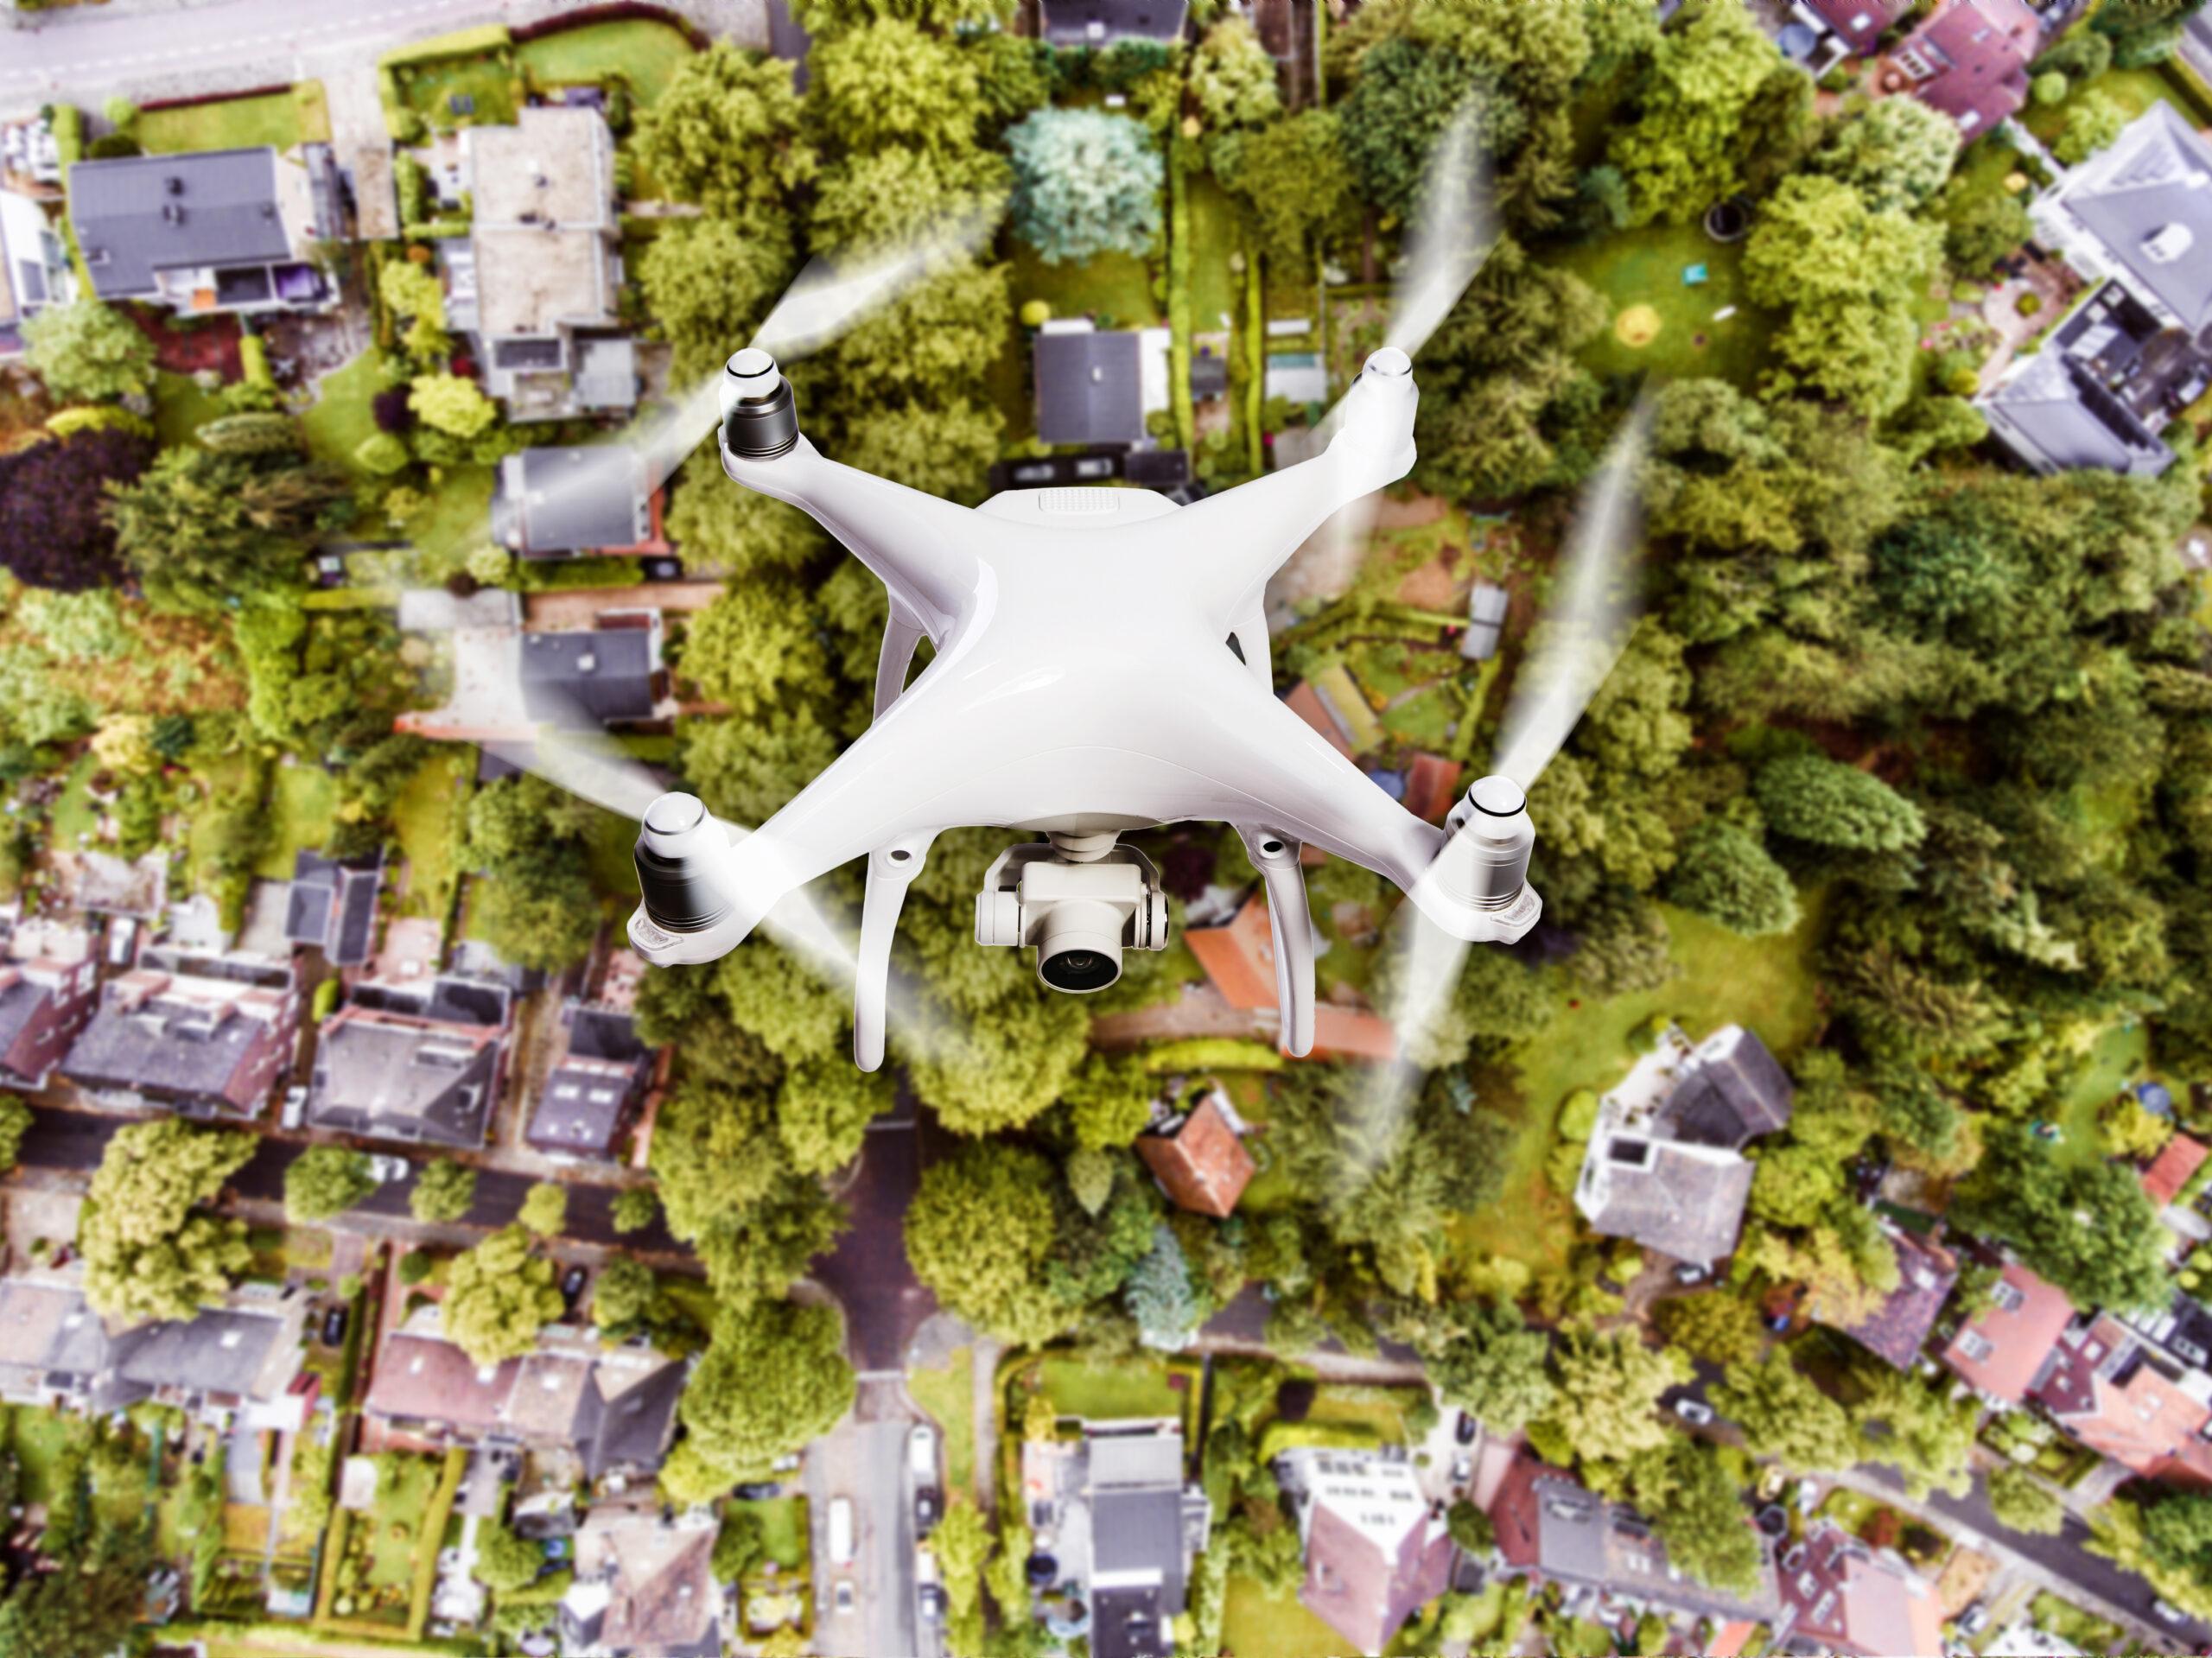 Servisco - marketing immobilier - agents immobiliers - photographes immobiliers professionnels - plans 2D - plans 3D - photographies immobilières - services immobiliers - meilleure agence de marketing immobilier - vendez une maison facilement - partenaire des agences immobilières - drone